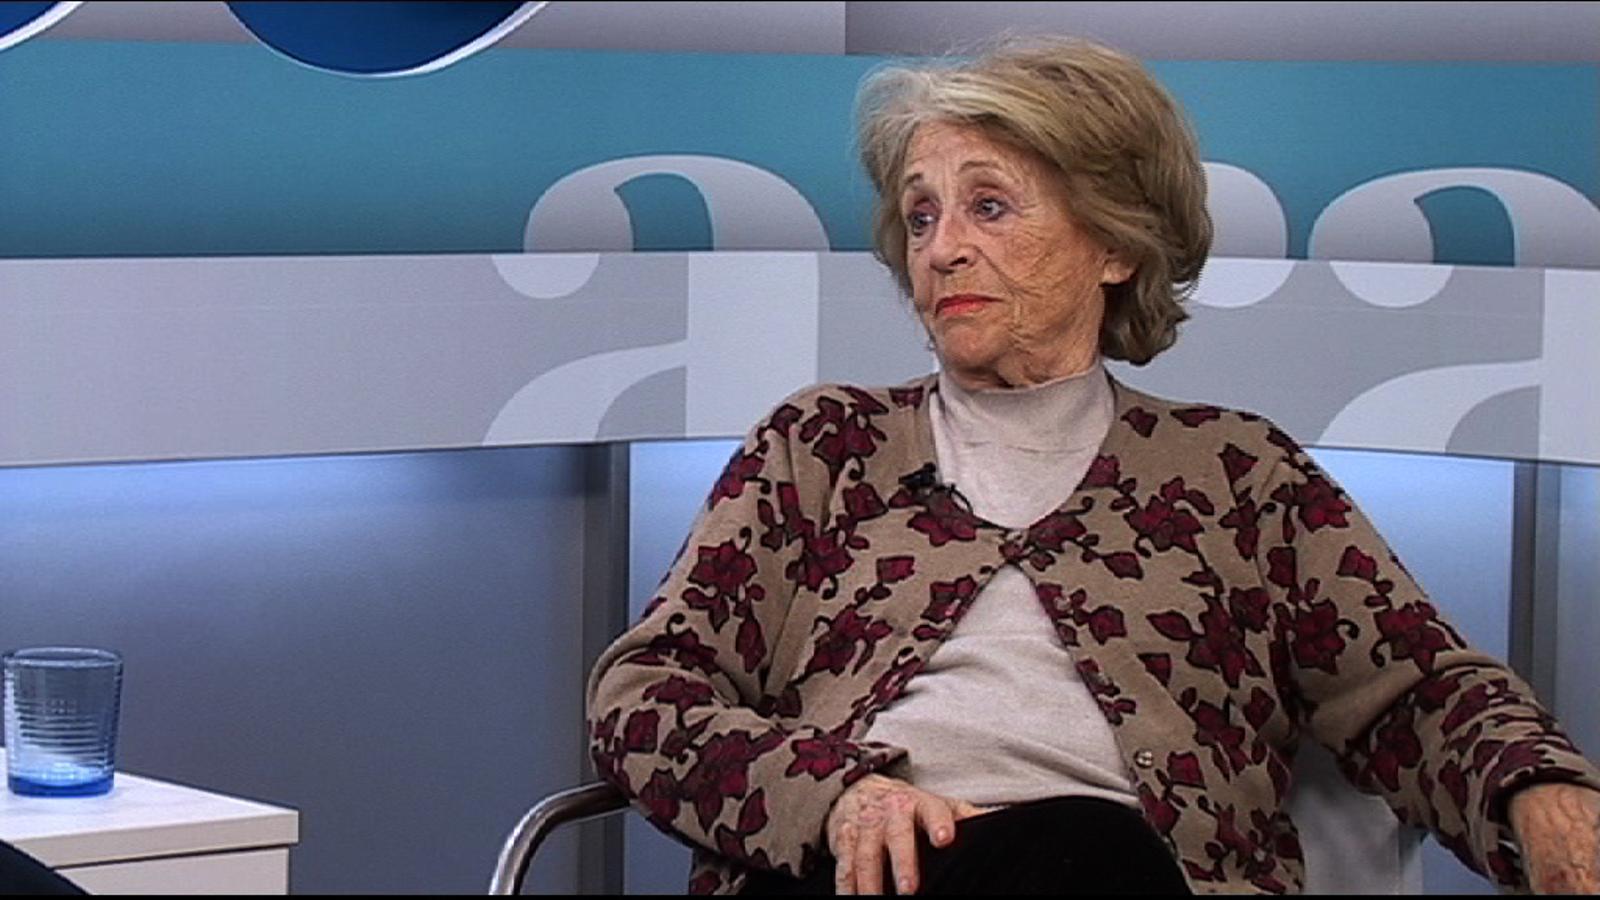 Montserrat Carulla: Amb 18 anys ja era independentista, però no ho sóc contra ningú. Els vull al costat com a amics i no per ser la seva serva